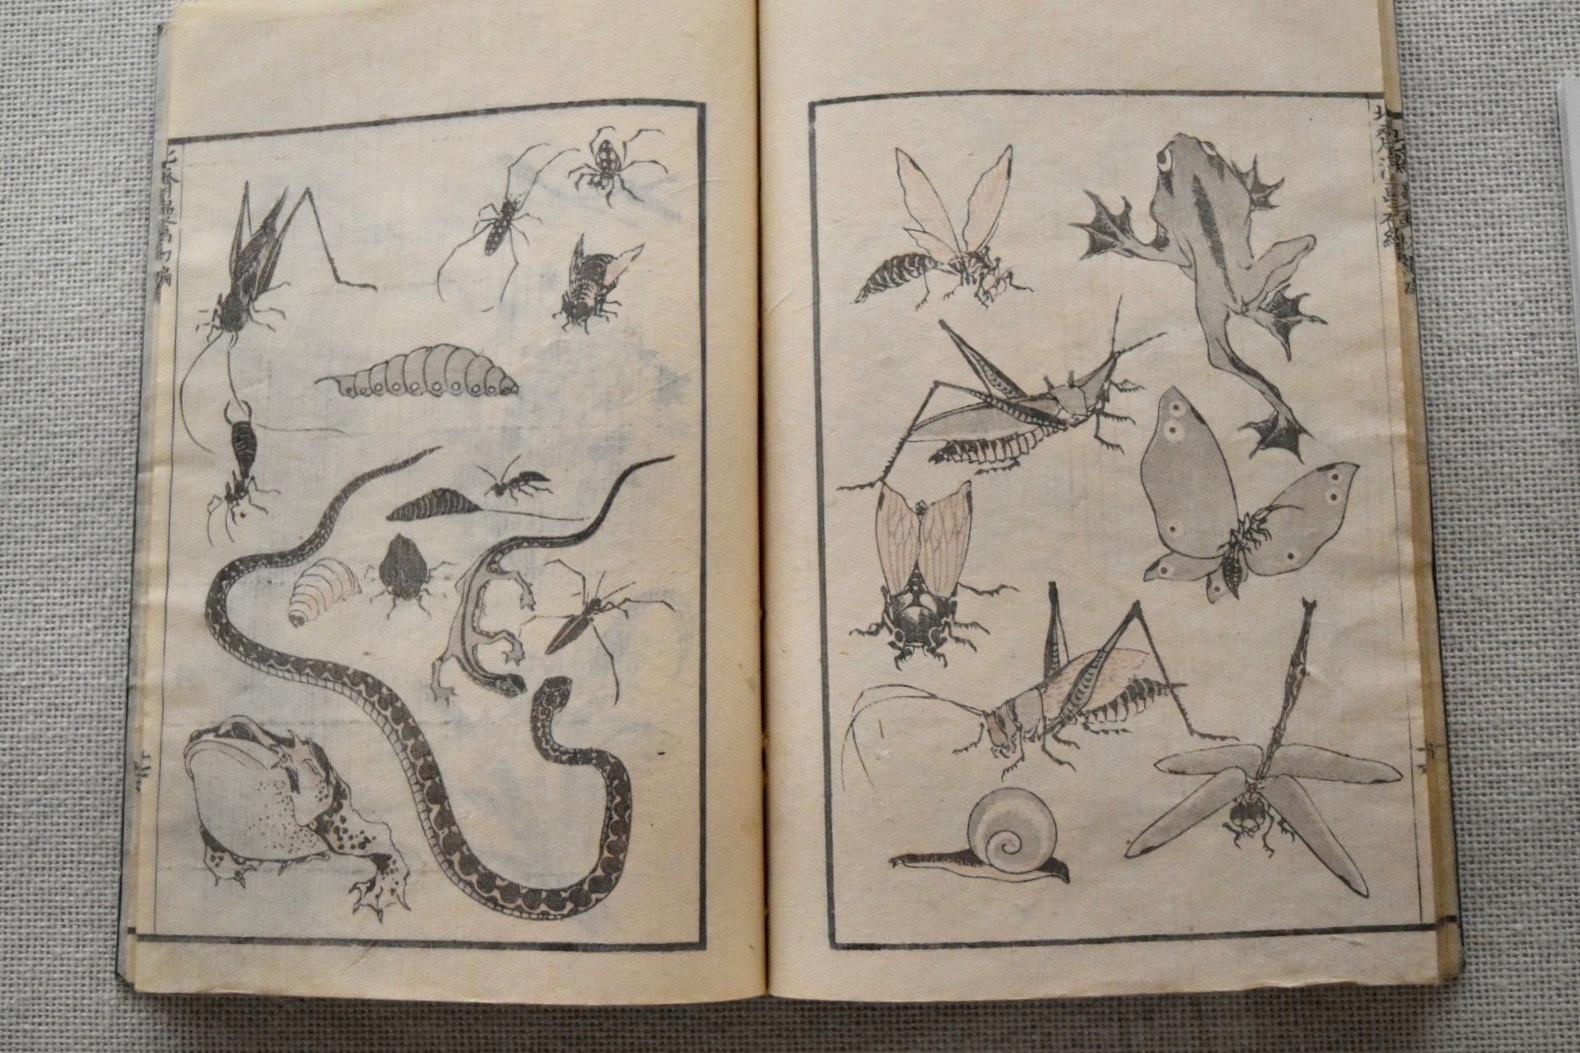 葛飾北斎 『北斎漫画』初編 文化11年(1814)すみだ北斎美術館所蔵